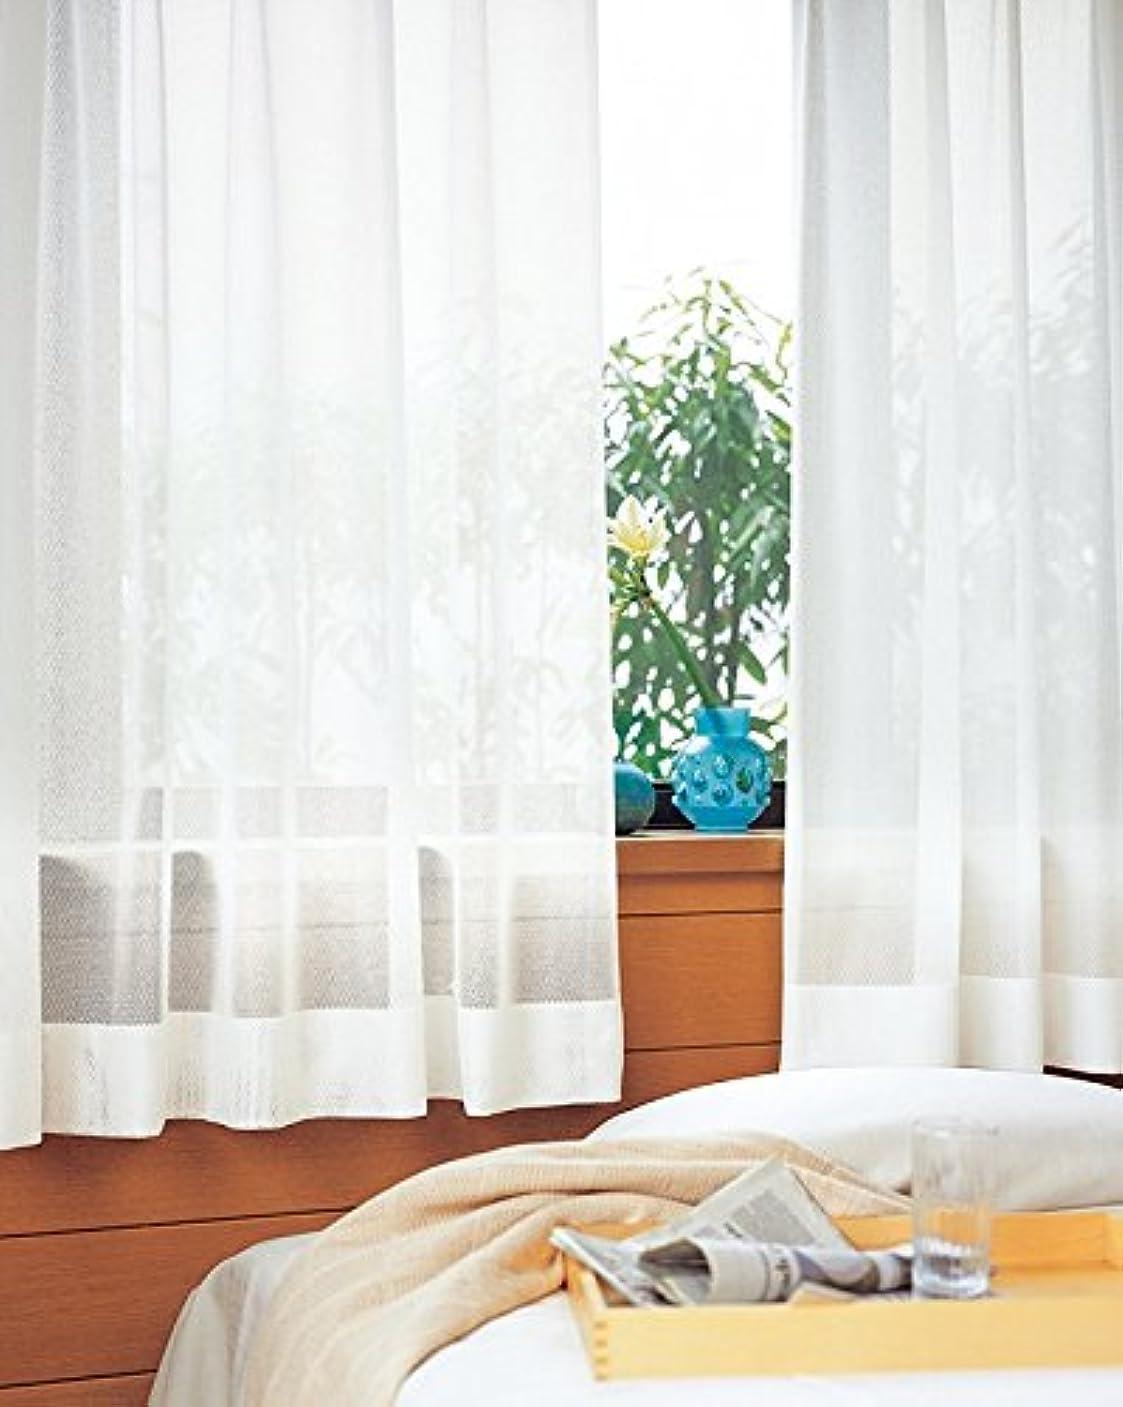 ハイブリッド悪用ぬいぐるみ東リ 合わせやすい無地調デザイン フラットカーテン1.3倍ヒダ KSA60488 幅:100cm ×丈:290cm (2枚組)オーダーカーテン